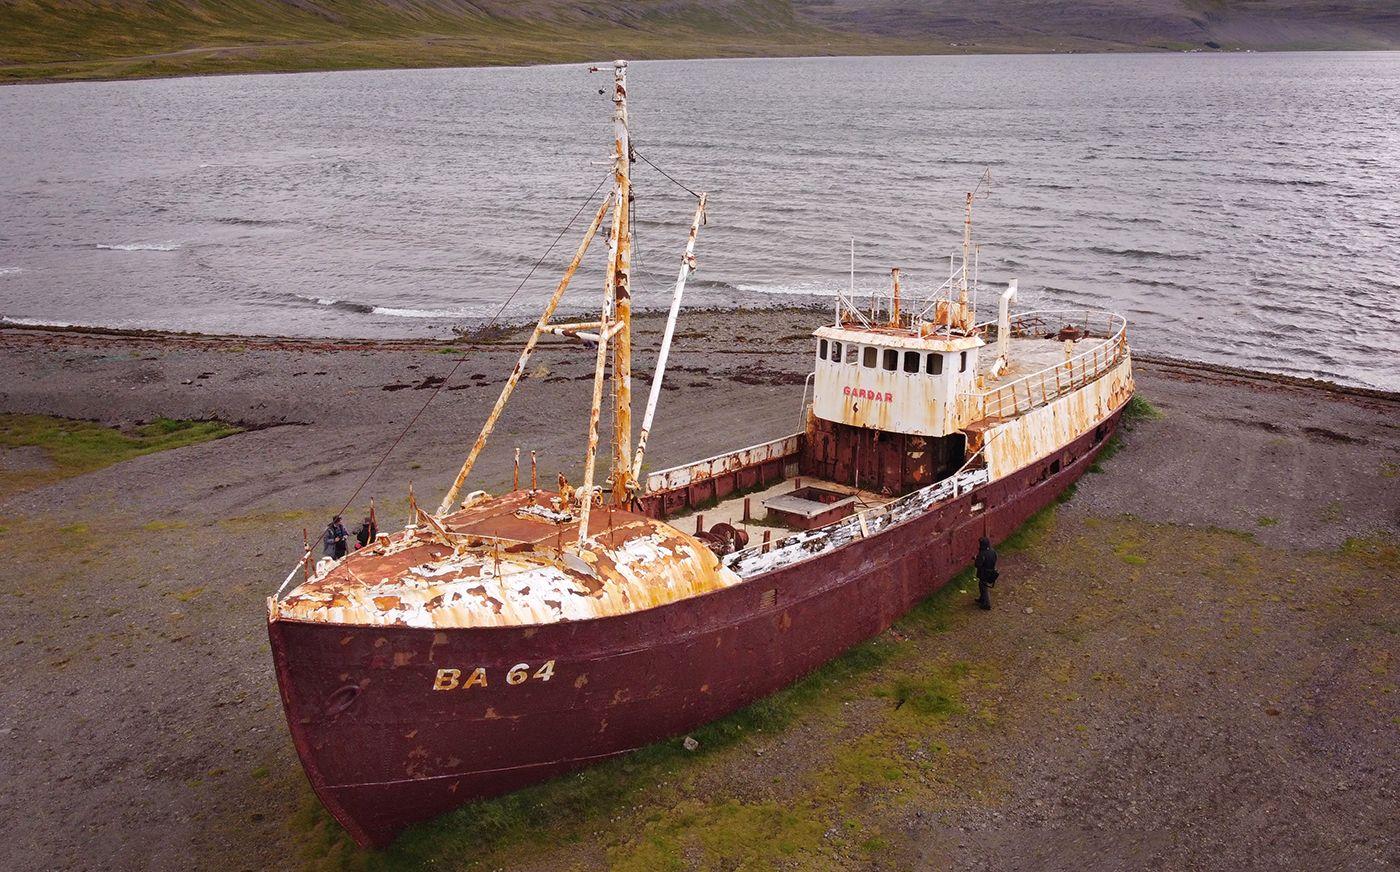 Wrak statku BA64, Islandia, Fiordy Zachodnie